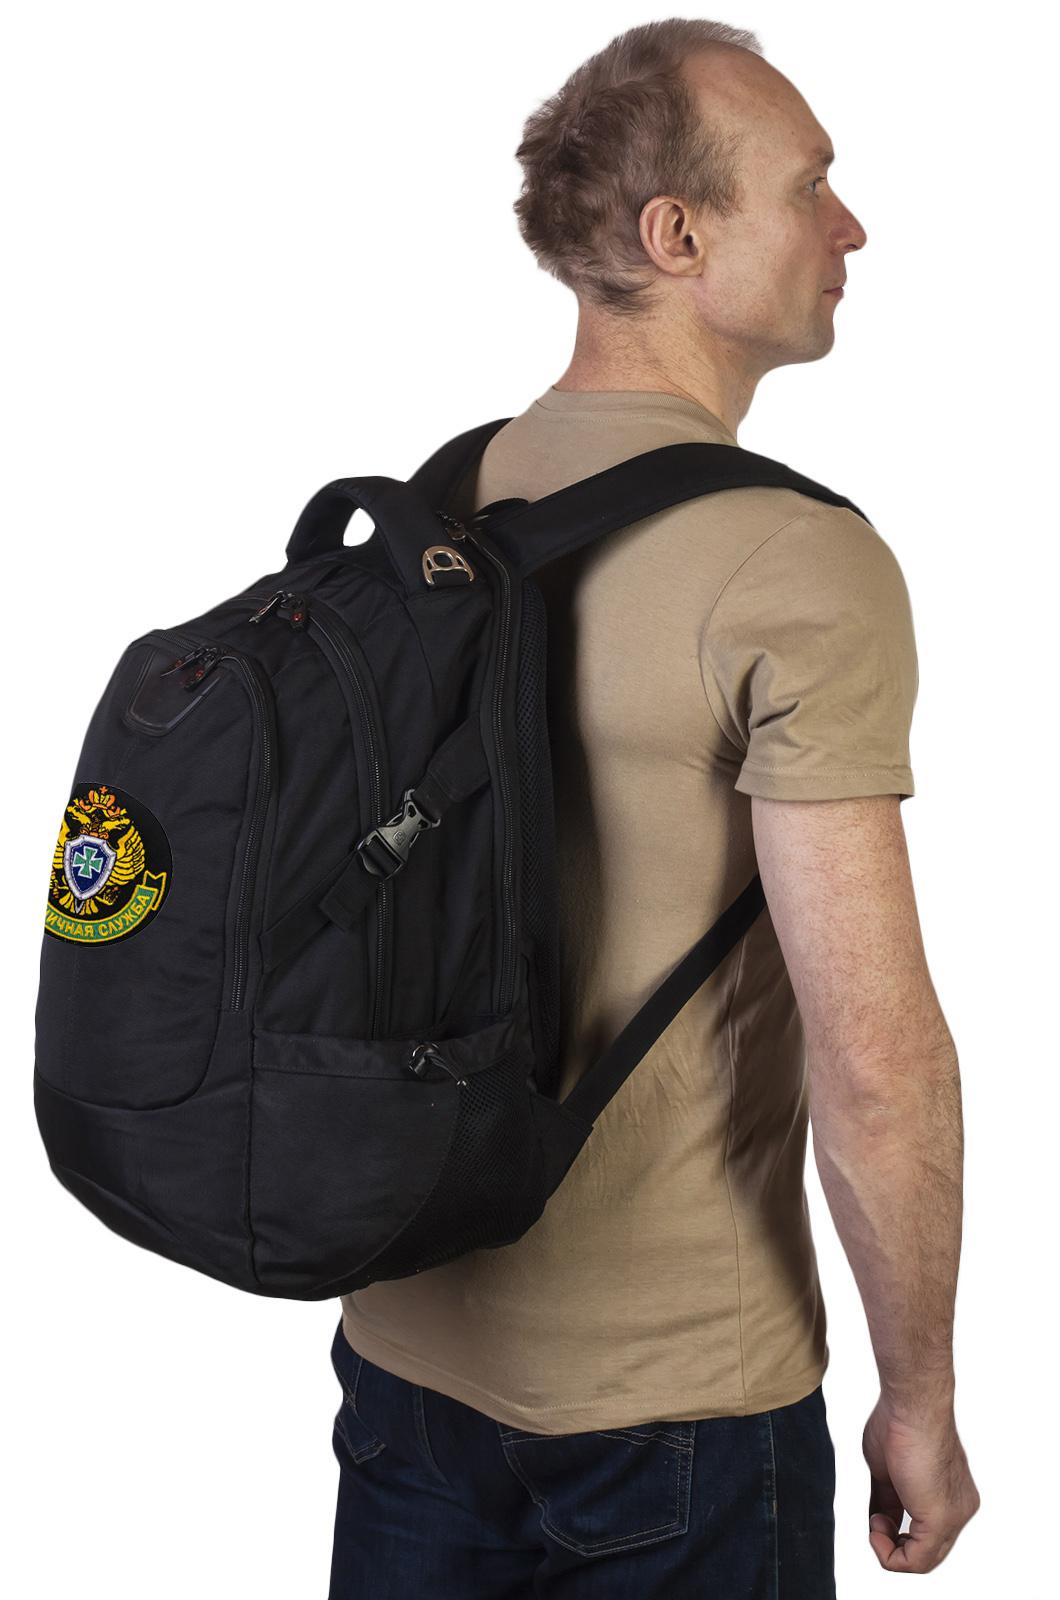 Эргономичный черный рюкзак с нашивкой Погранслужба - купить в розницу